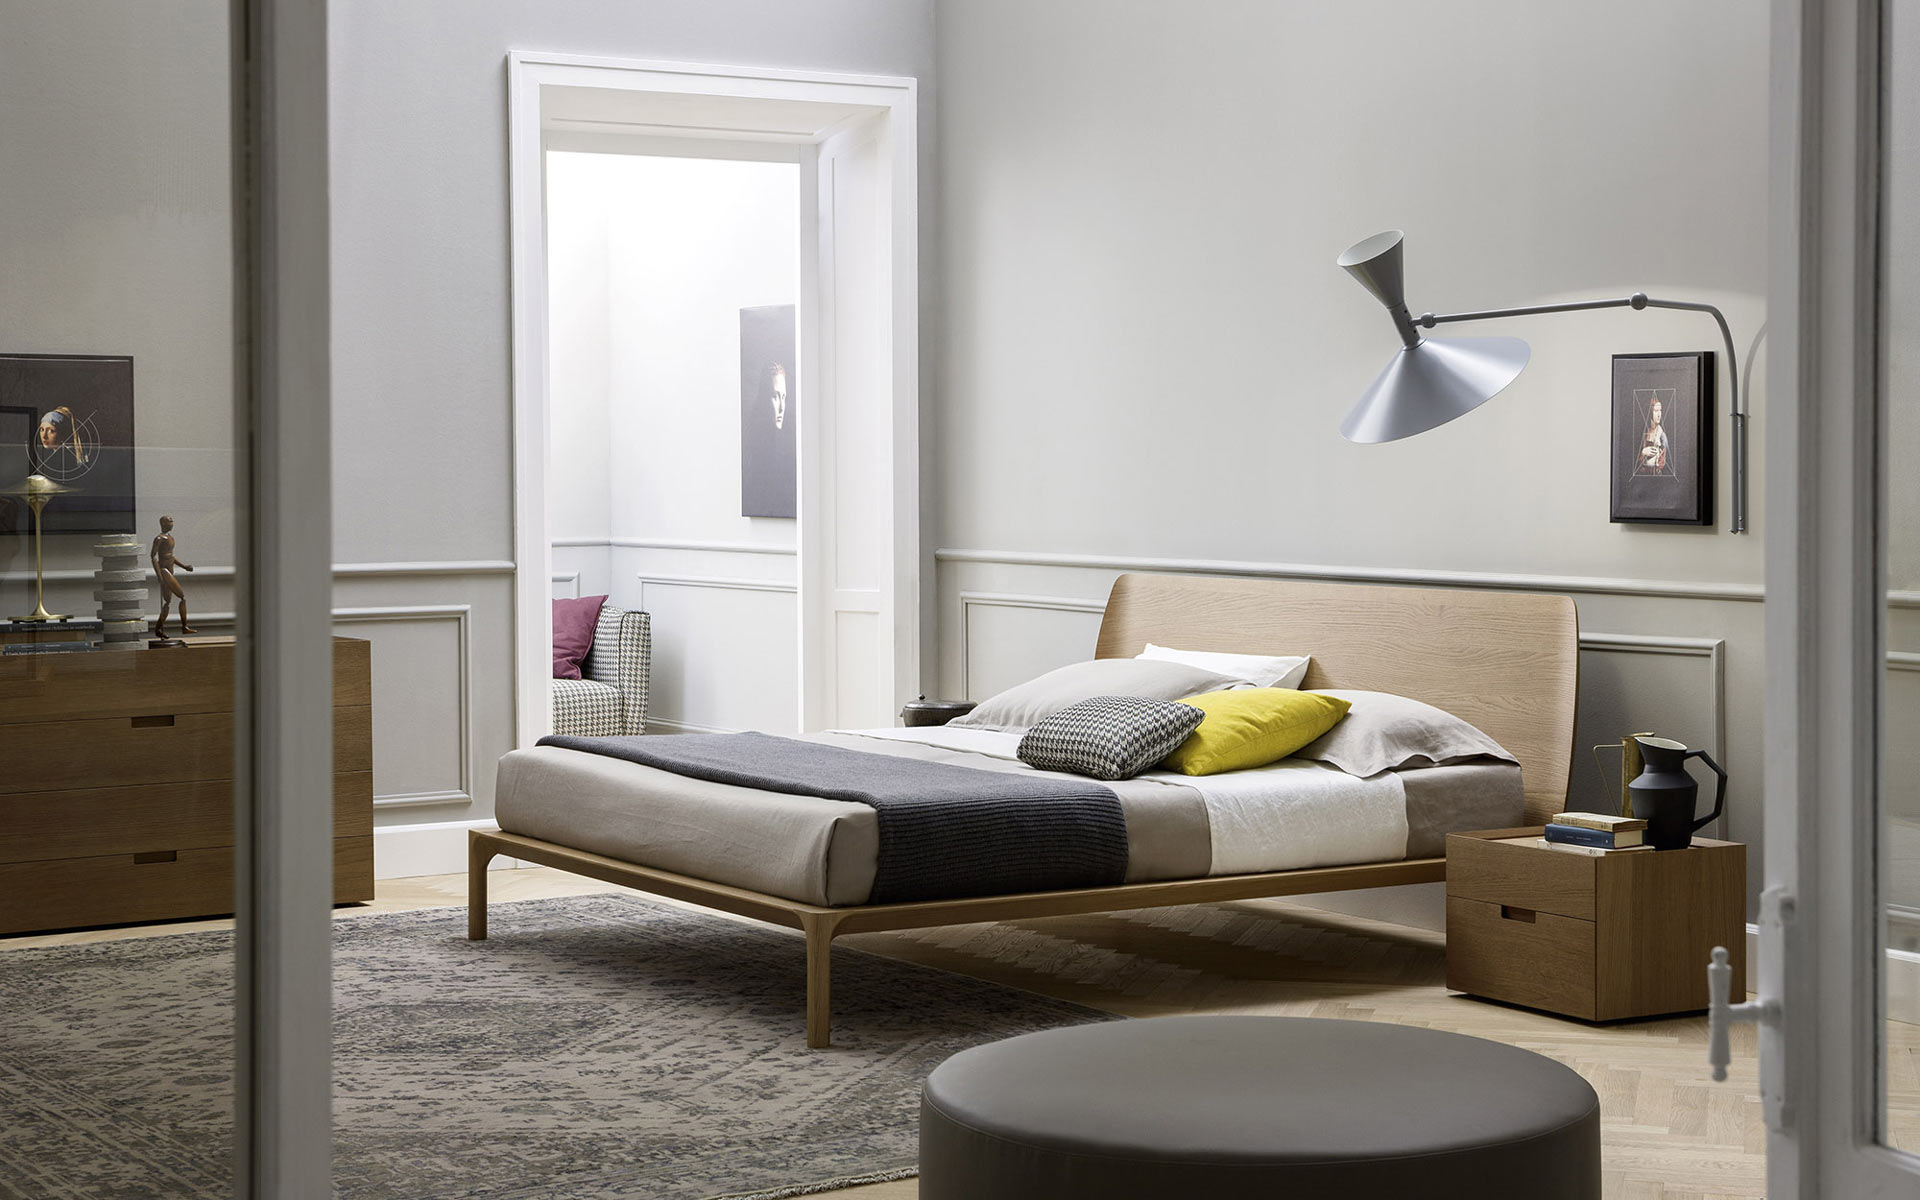 Slaapkamer Massief Hout : SLAAPKAMER DESIGN - Blog van Bed Habits, de ...